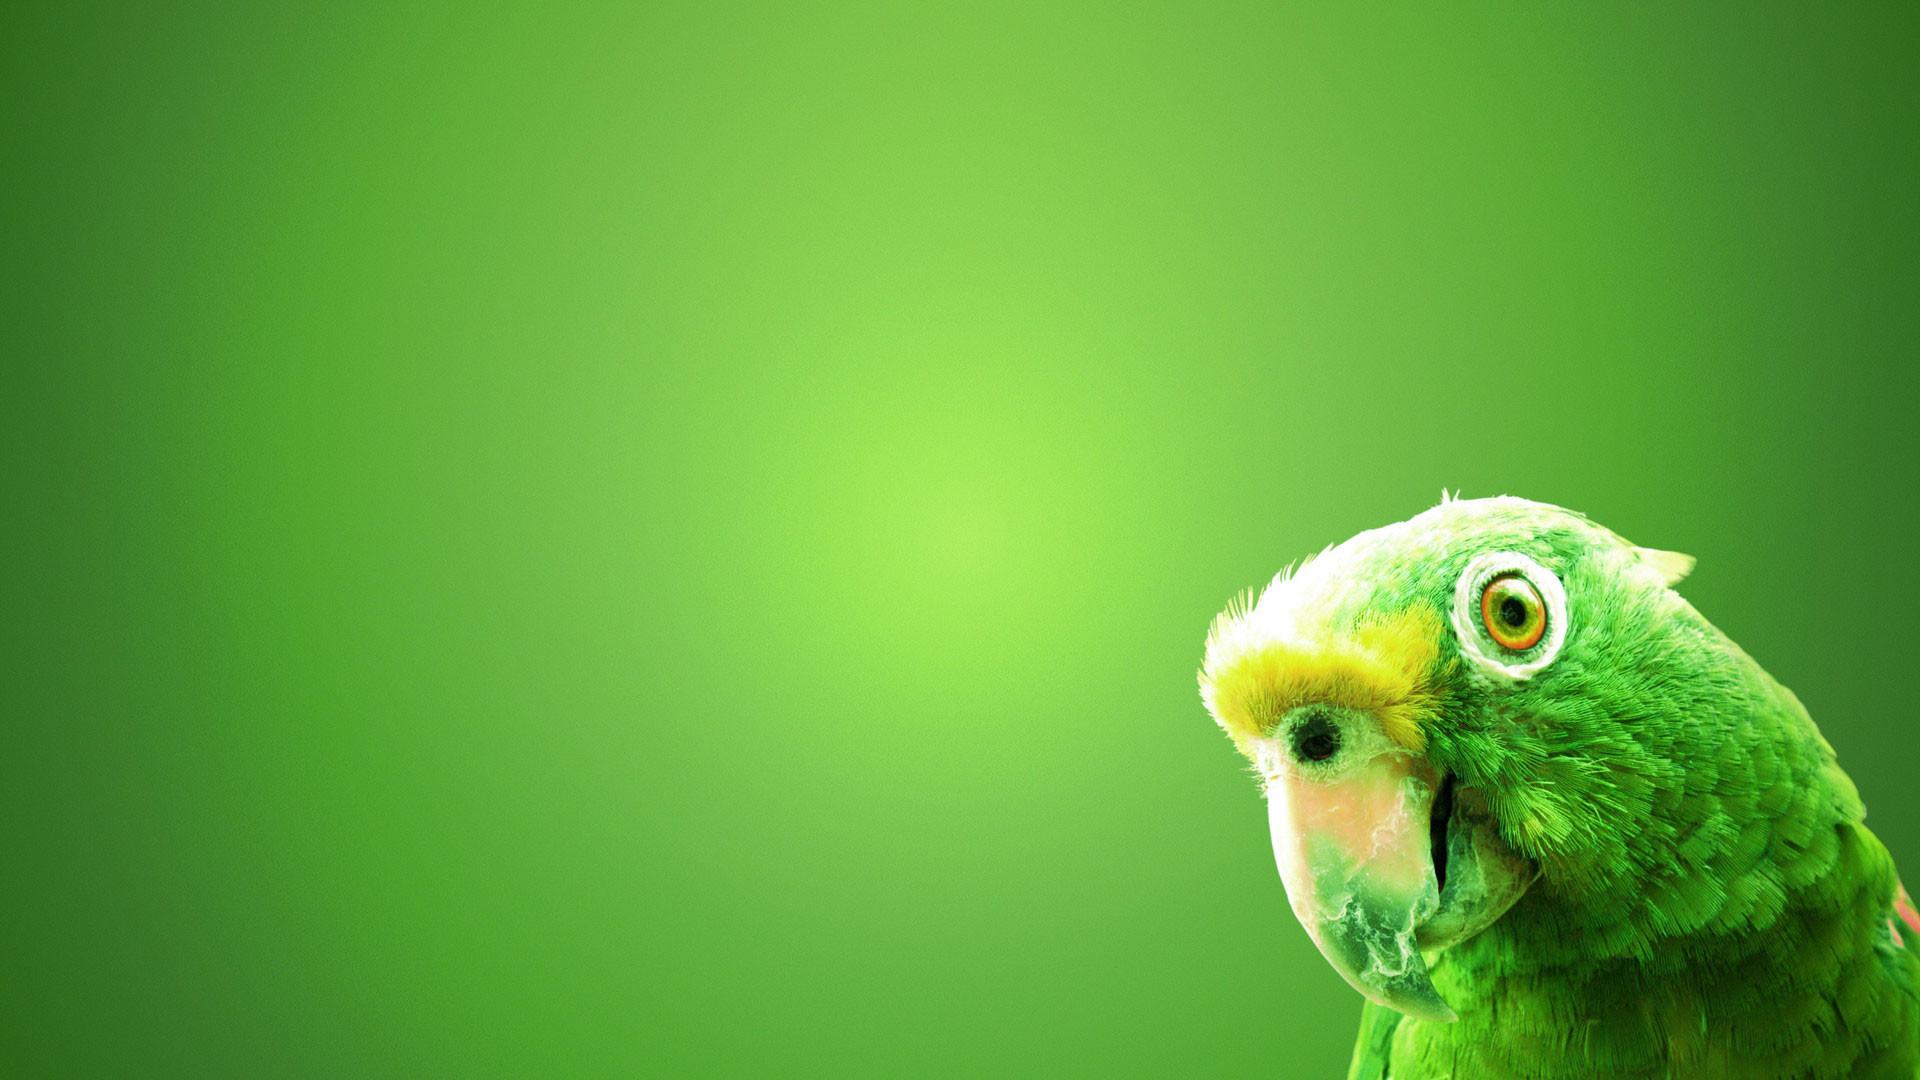 hd pics photos green background parrot cute desktop background wallpaper